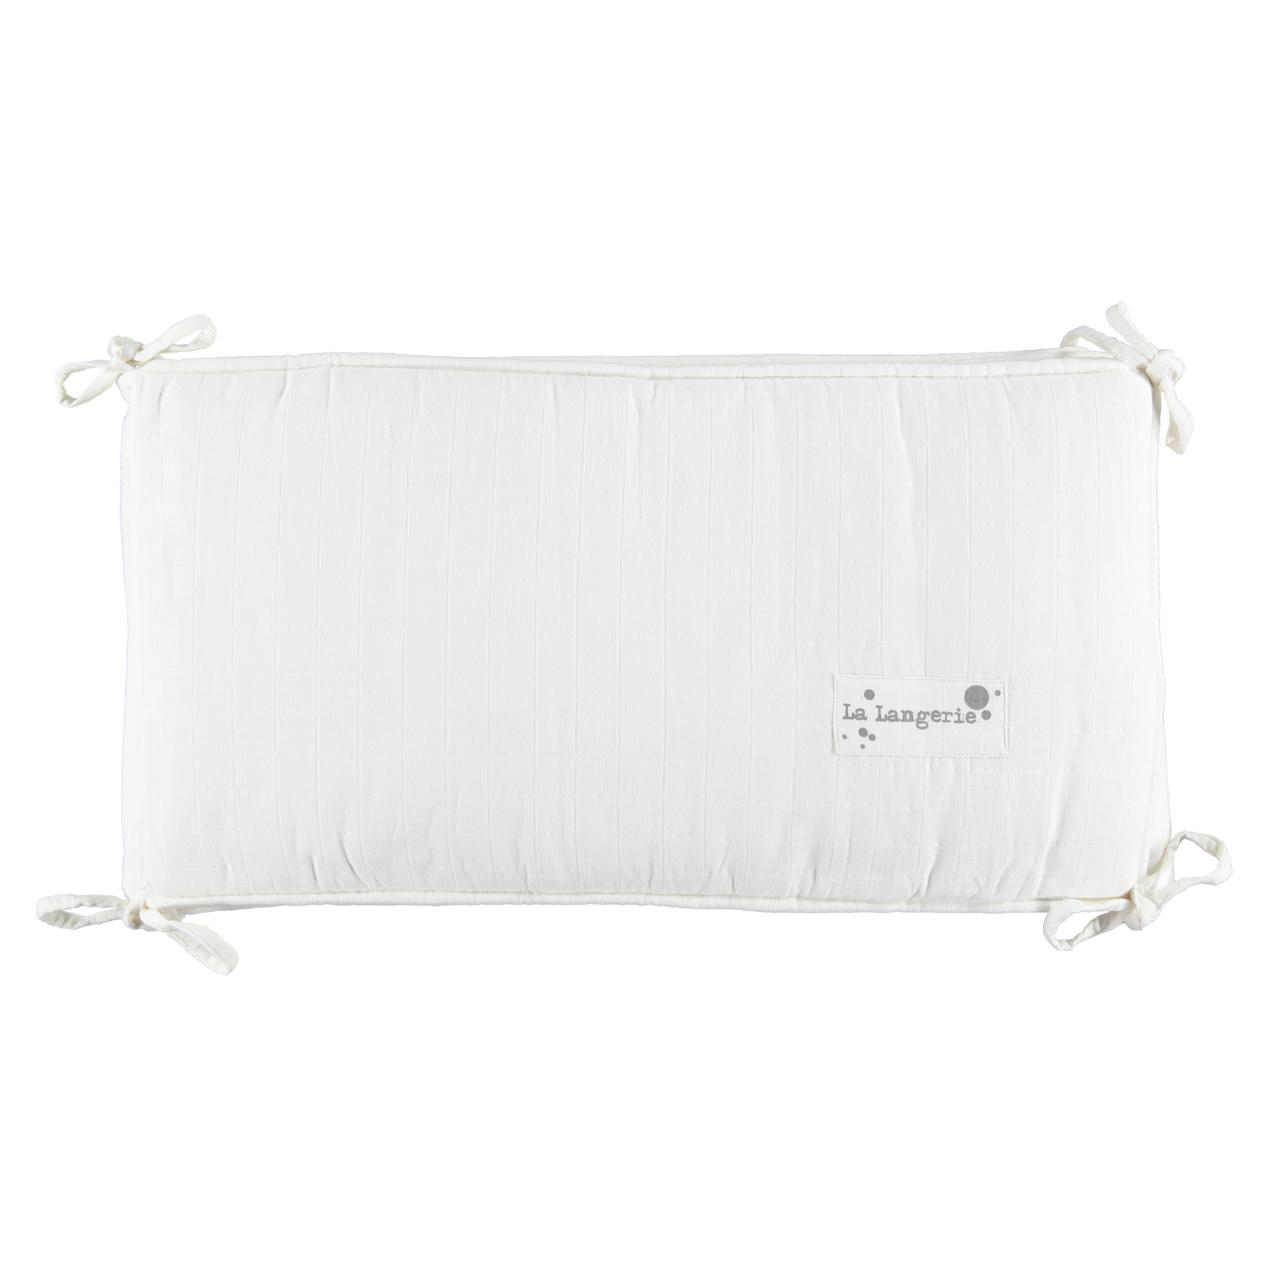 tour de lit blanc lait la langerie pour chambre enfant les enfants du design. Black Bedroom Furniture Sets. Home Design Ideas